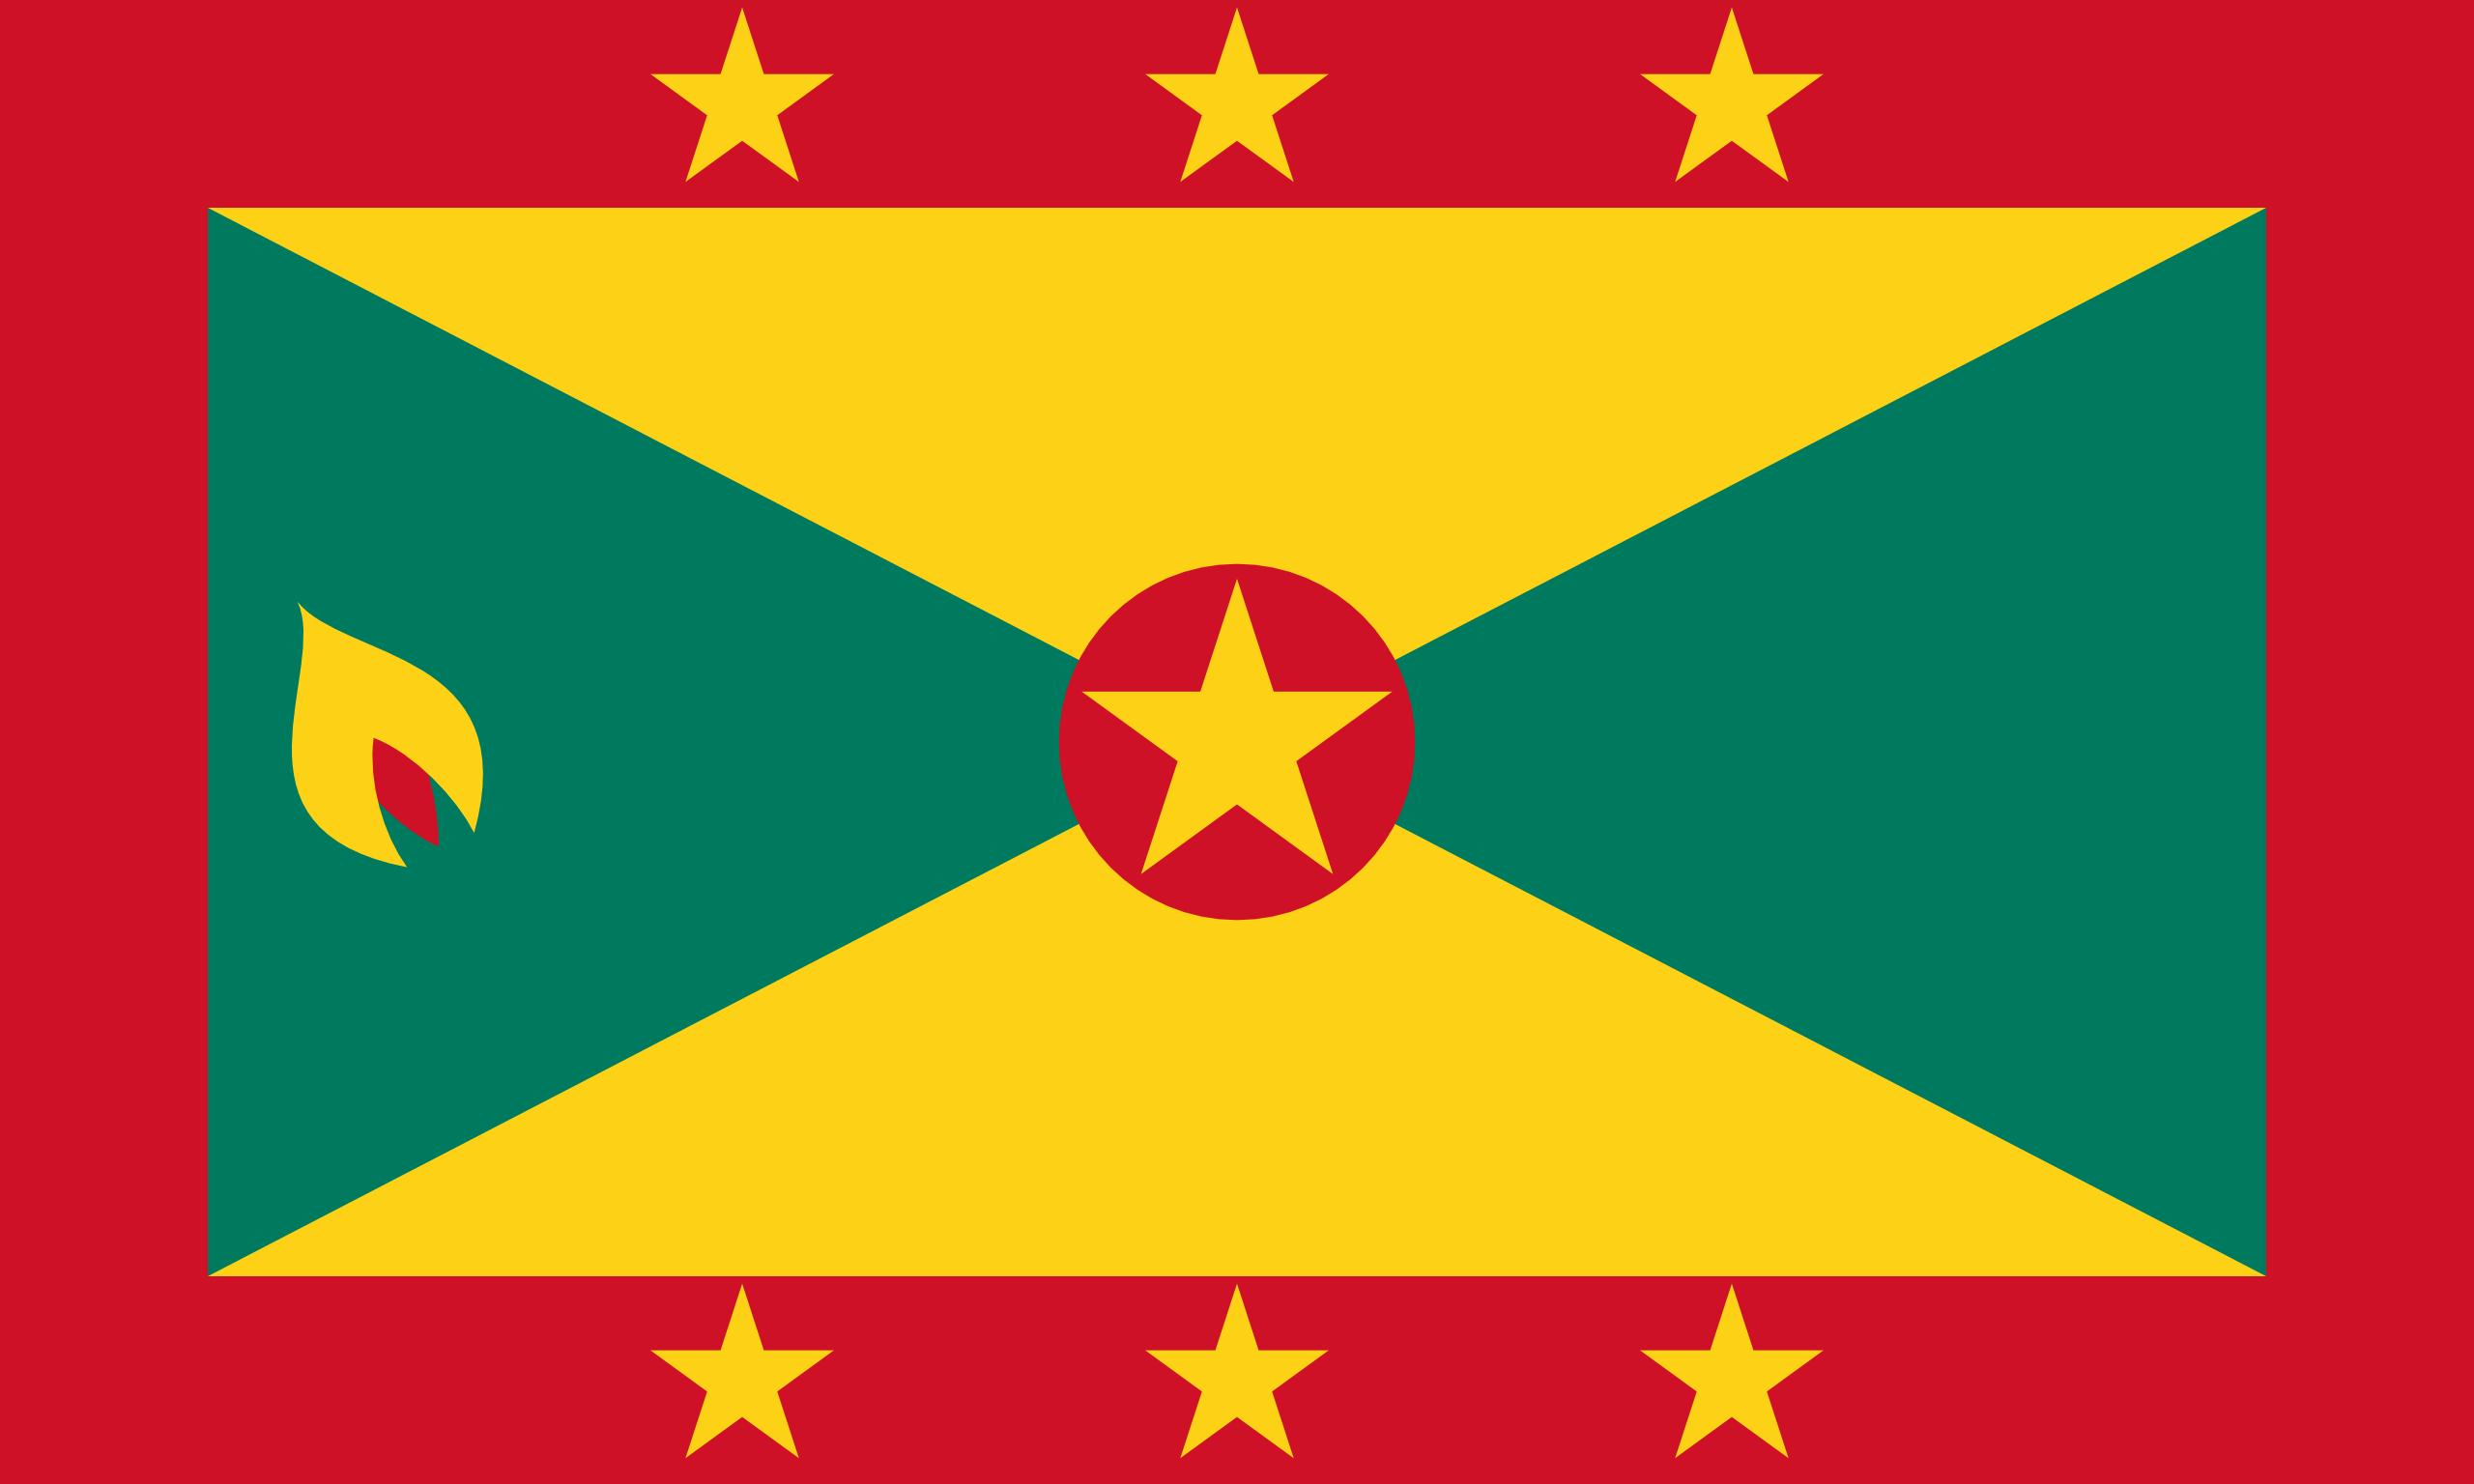 غرناطة, البلد, emblema, شعار, الرمز - خلفيات عالية الدقة - أستاذ falken.com